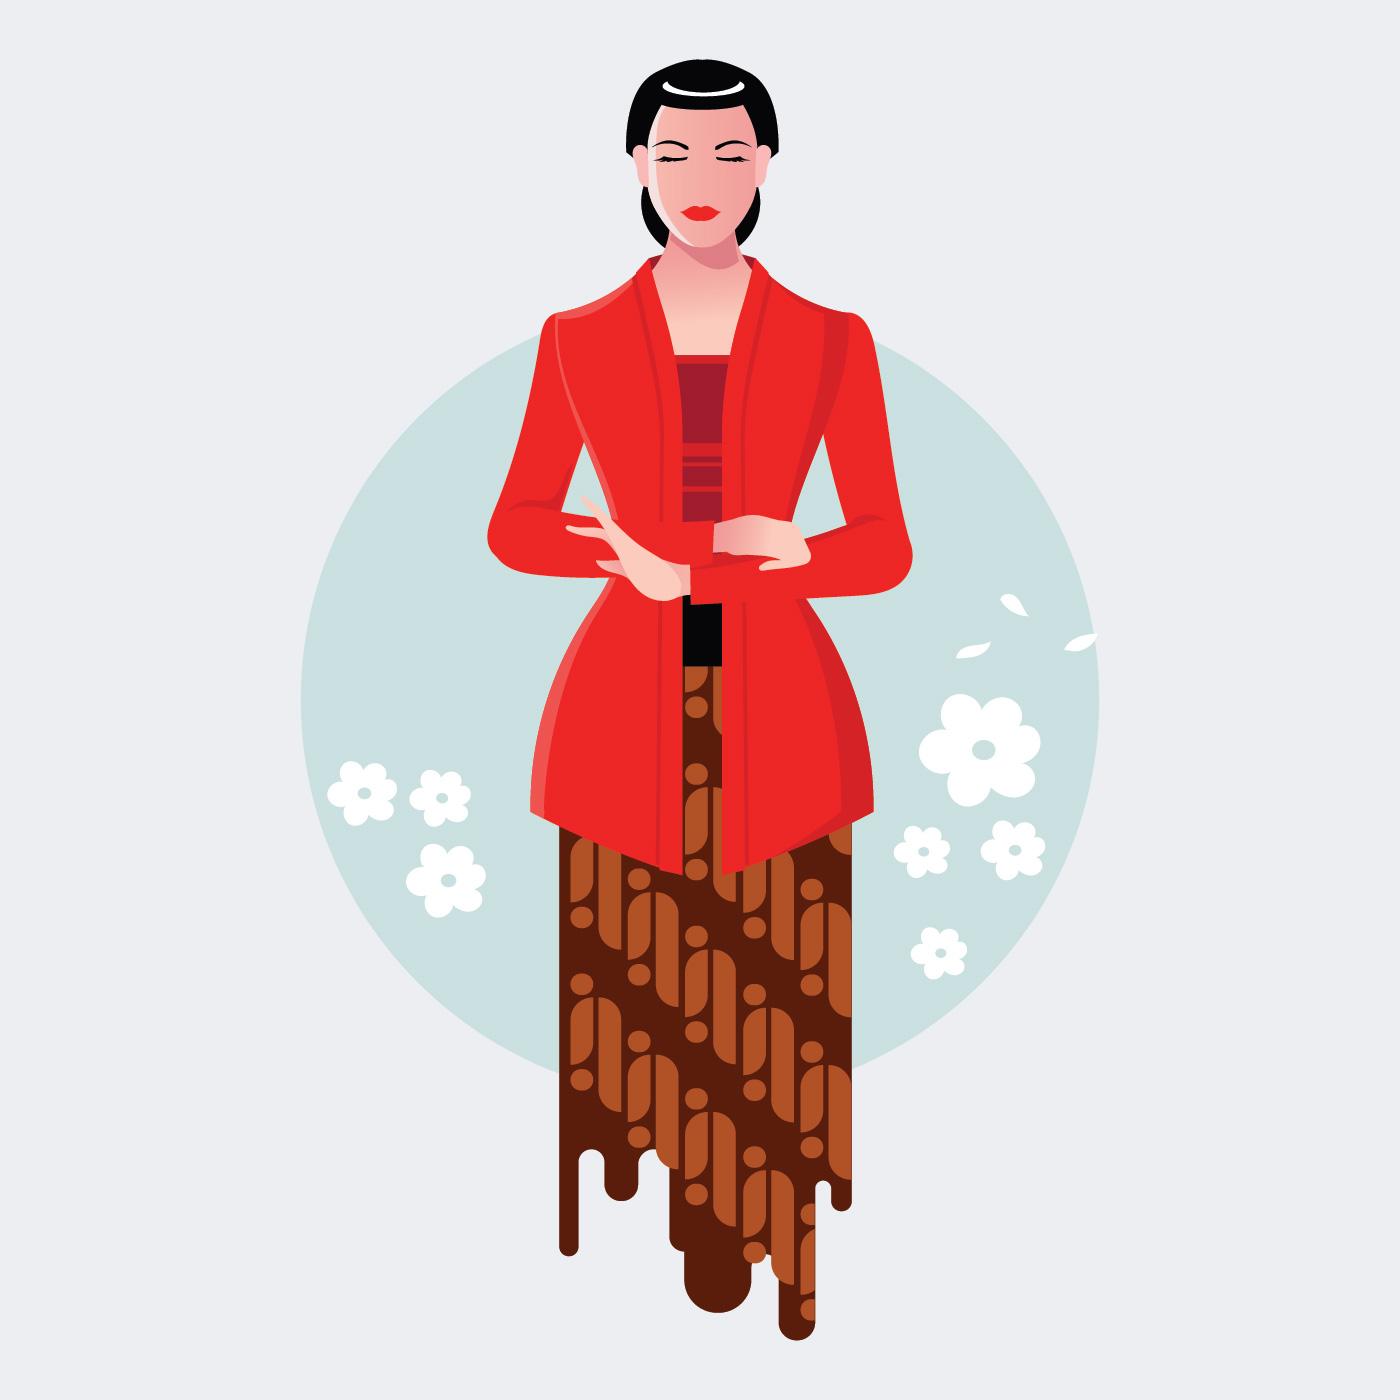 Indonesian Javanese Woman Wearing Kebaya Kartini Download Free Vectors Clipart Graphics